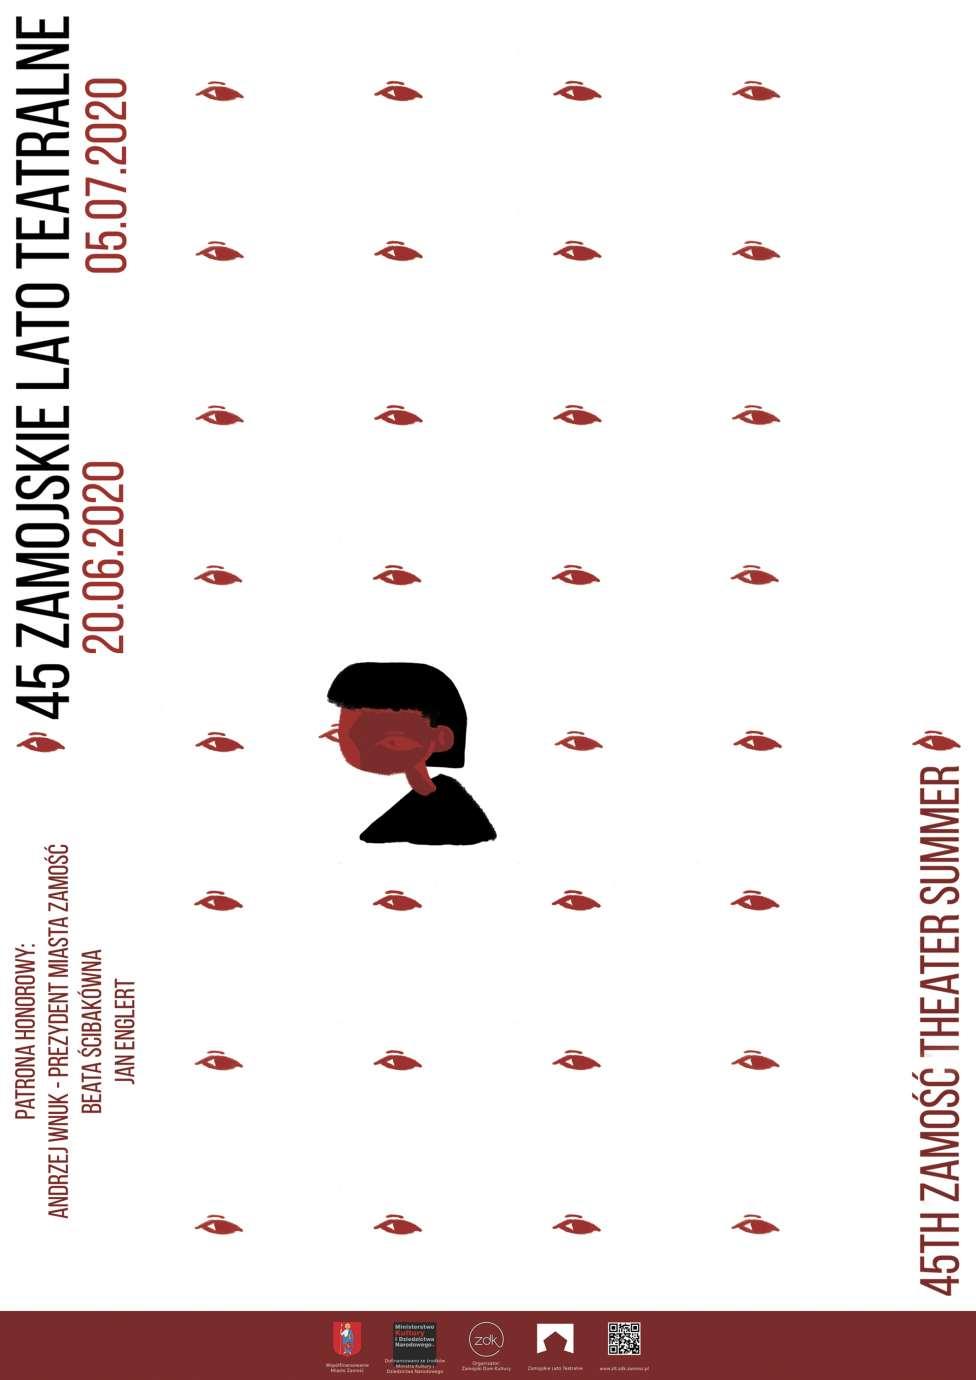 sumina kateryna 1 wyroznienie Rozstrzygnięto konkurs na plakat 45. Zamojskiego Lata Teatralnego